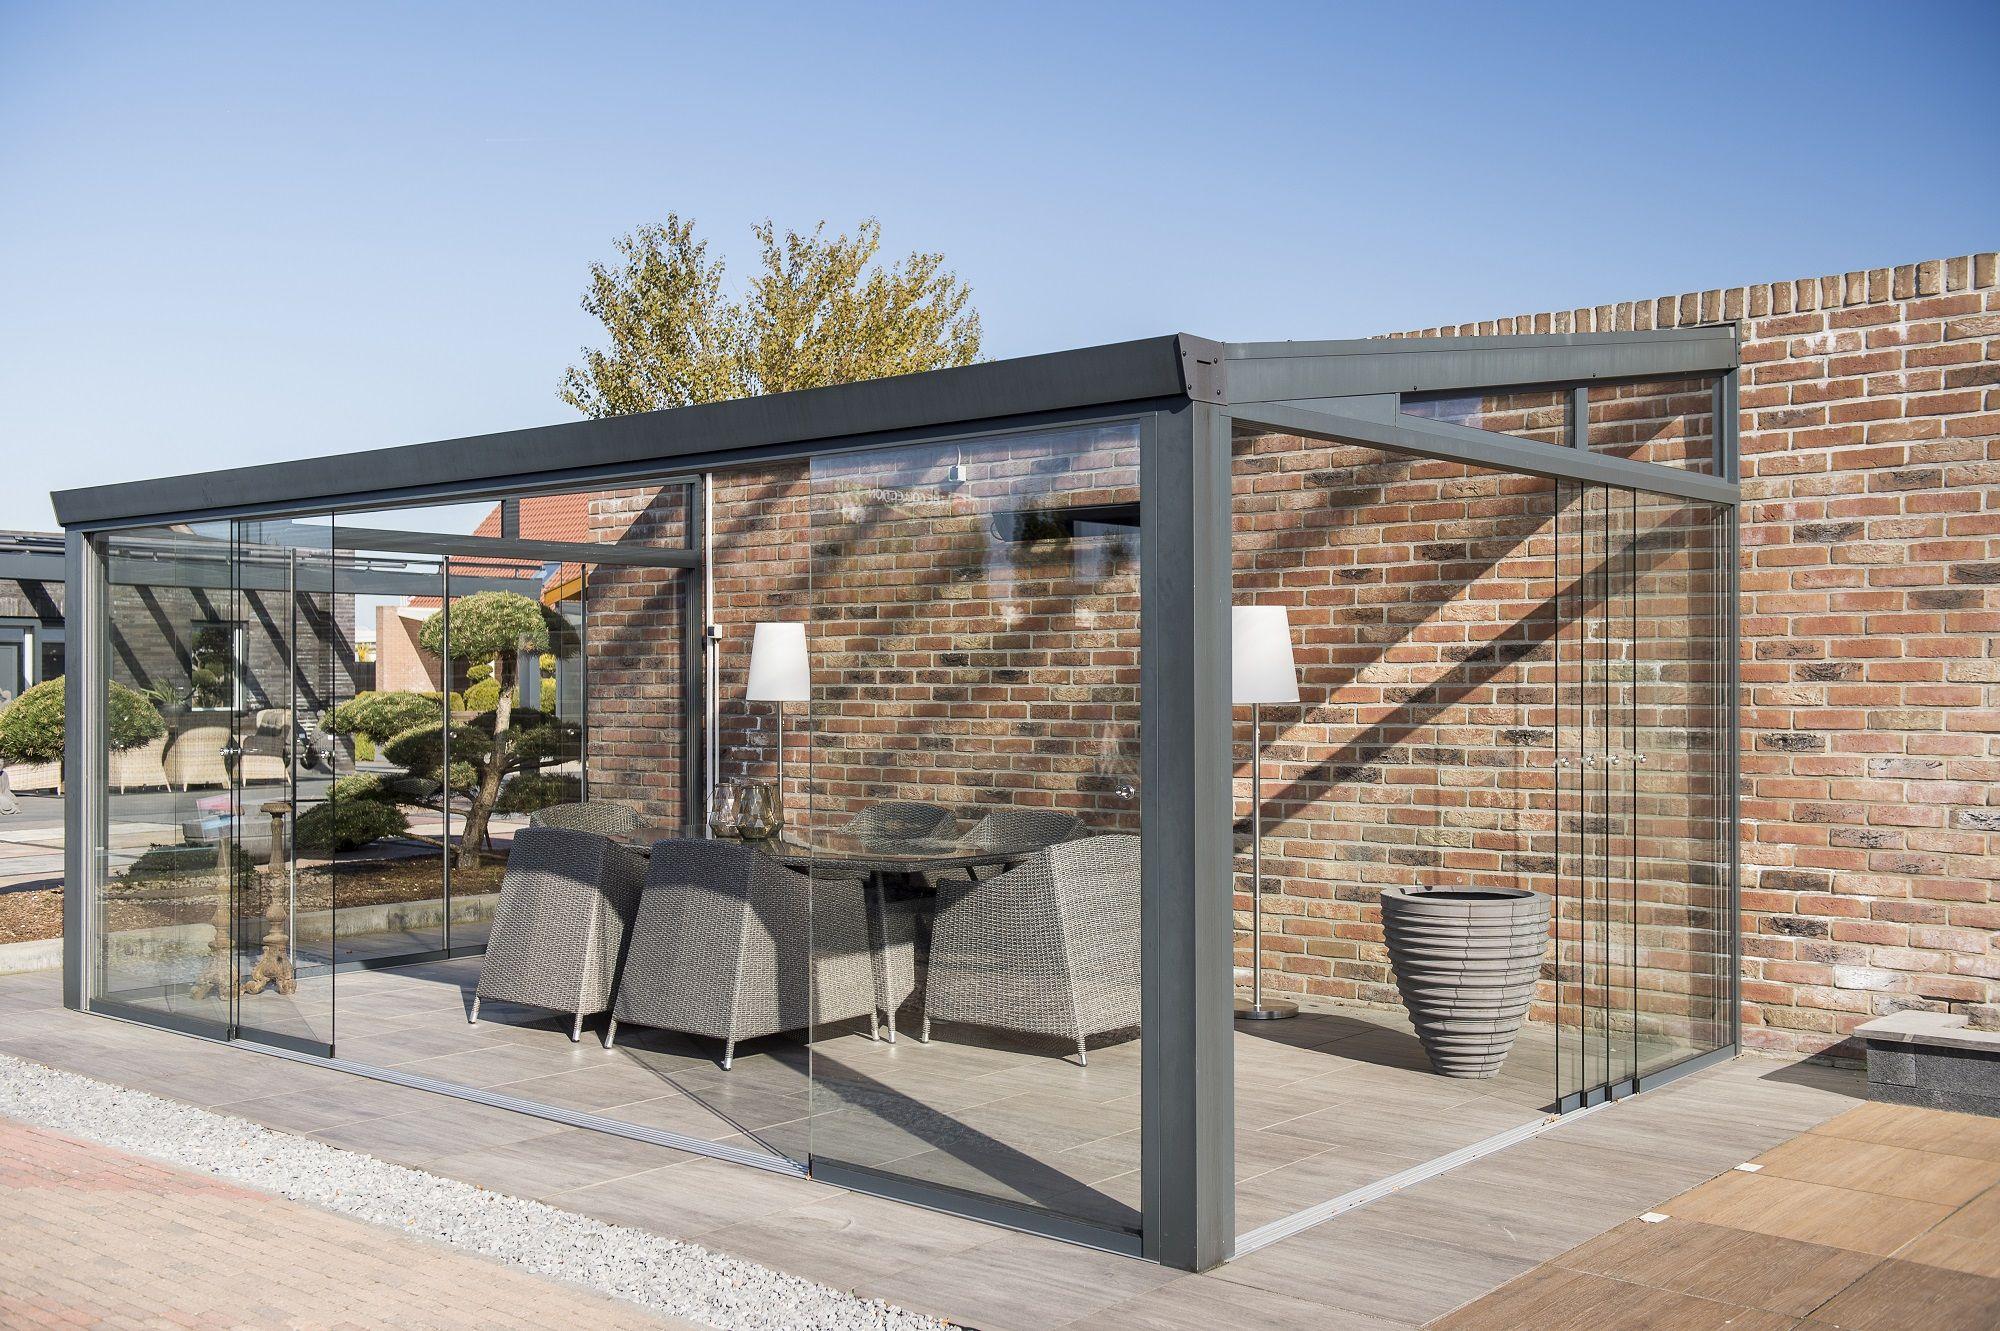 Extraordinary überdachung Für Terrasse Decoration Of Moderner Aluminium Gartenzimmer Oder Wintergarten. Sieht Super